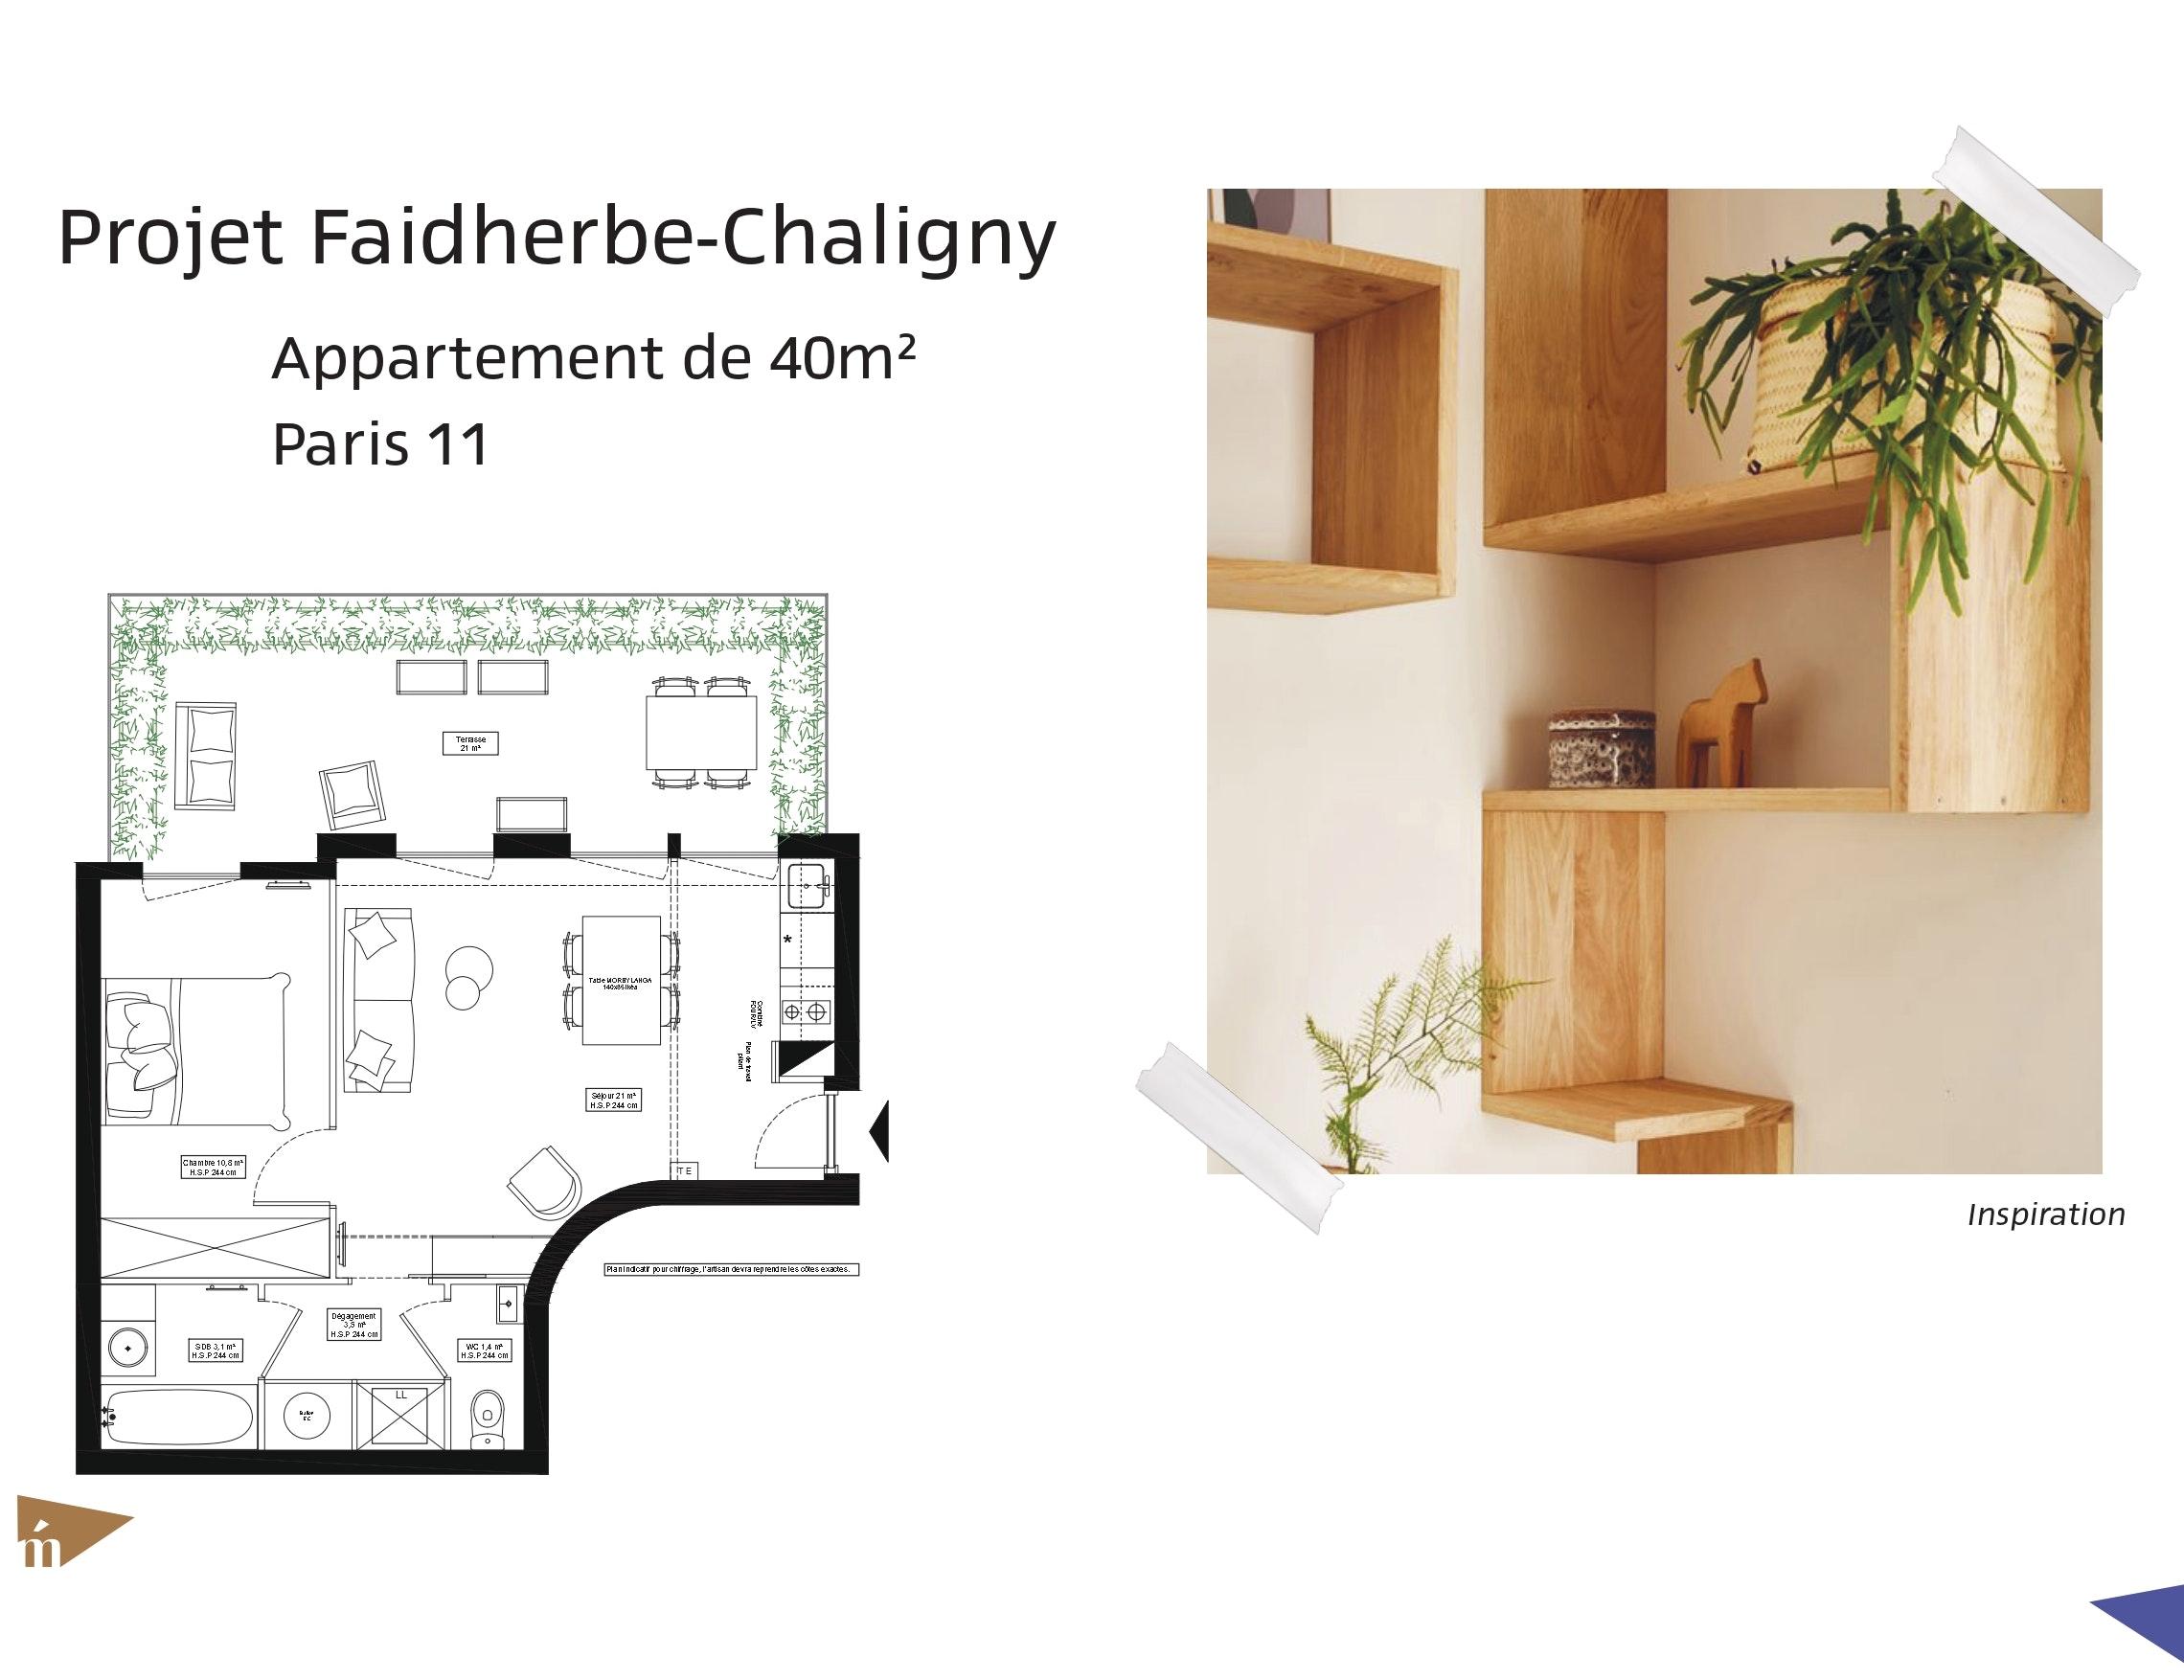 photo Projet Faidherbe-Chaligny - Appartement de 40m² - Paris 11 Léa Mast - Architecte hemea